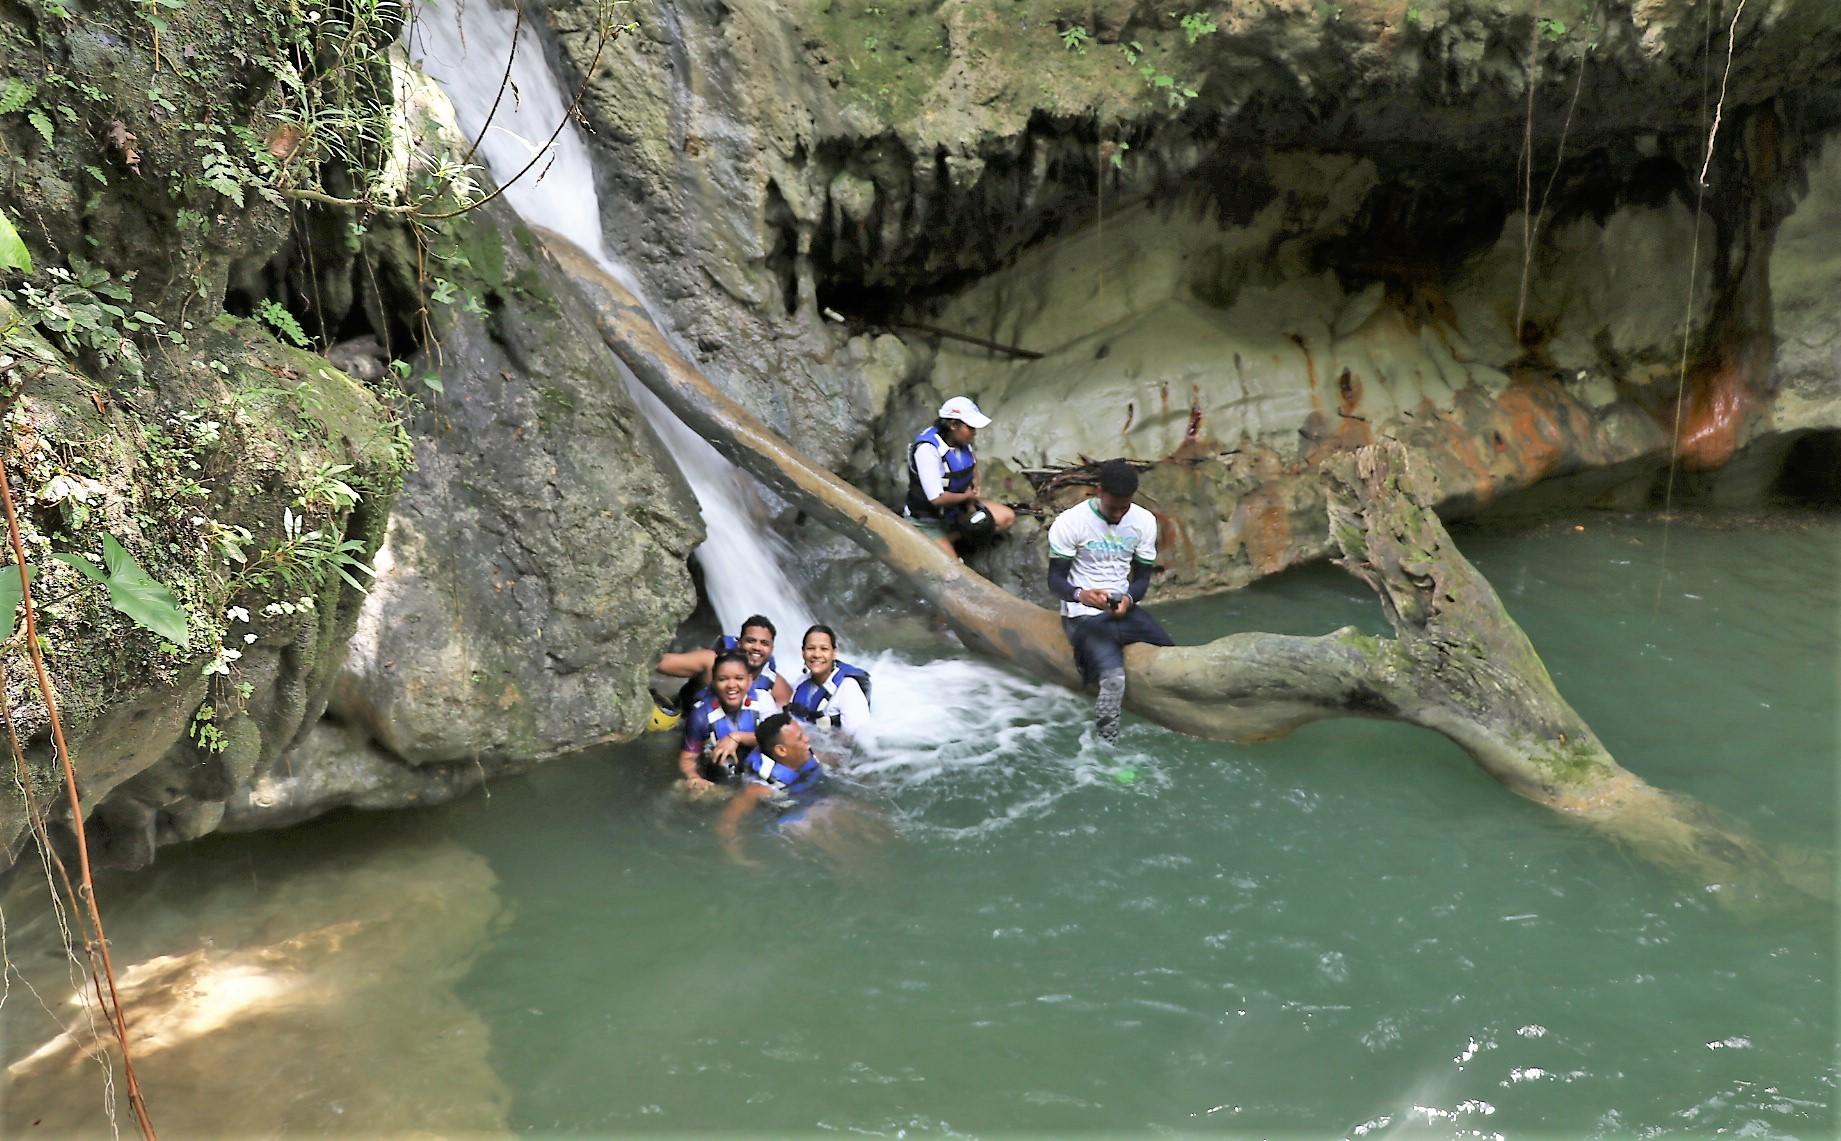 El tinajón número 5 en el Sendero de los Tinajones en Jamao al Norte.